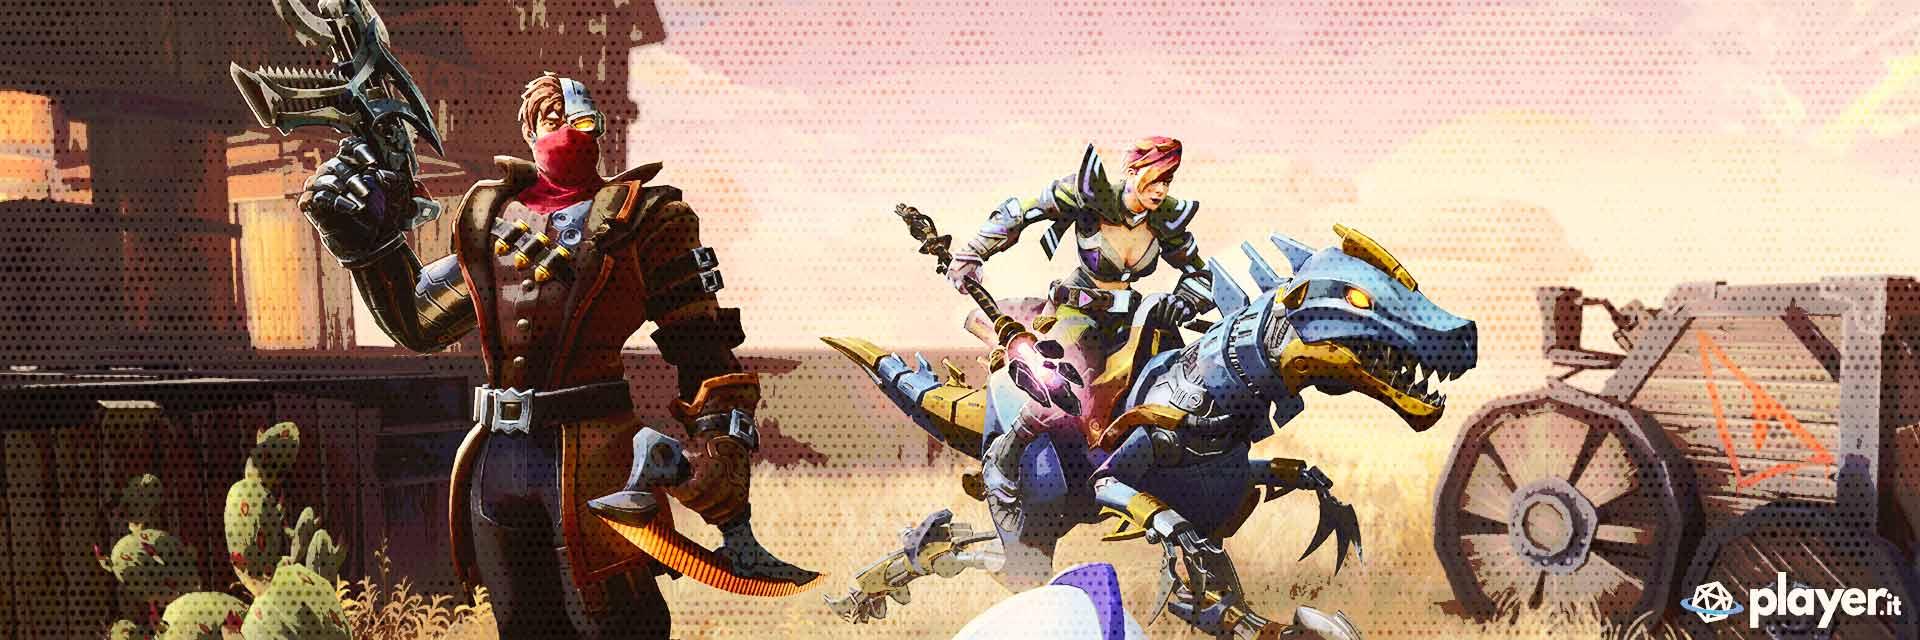 immagine in evidenza del gioco Realm Royale